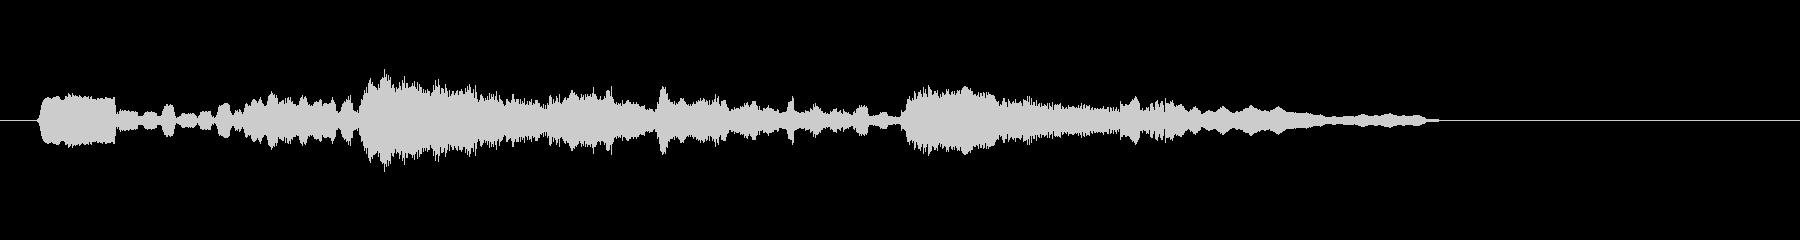 テーマ15A:フルミックス、神秘的...の未再生の波形